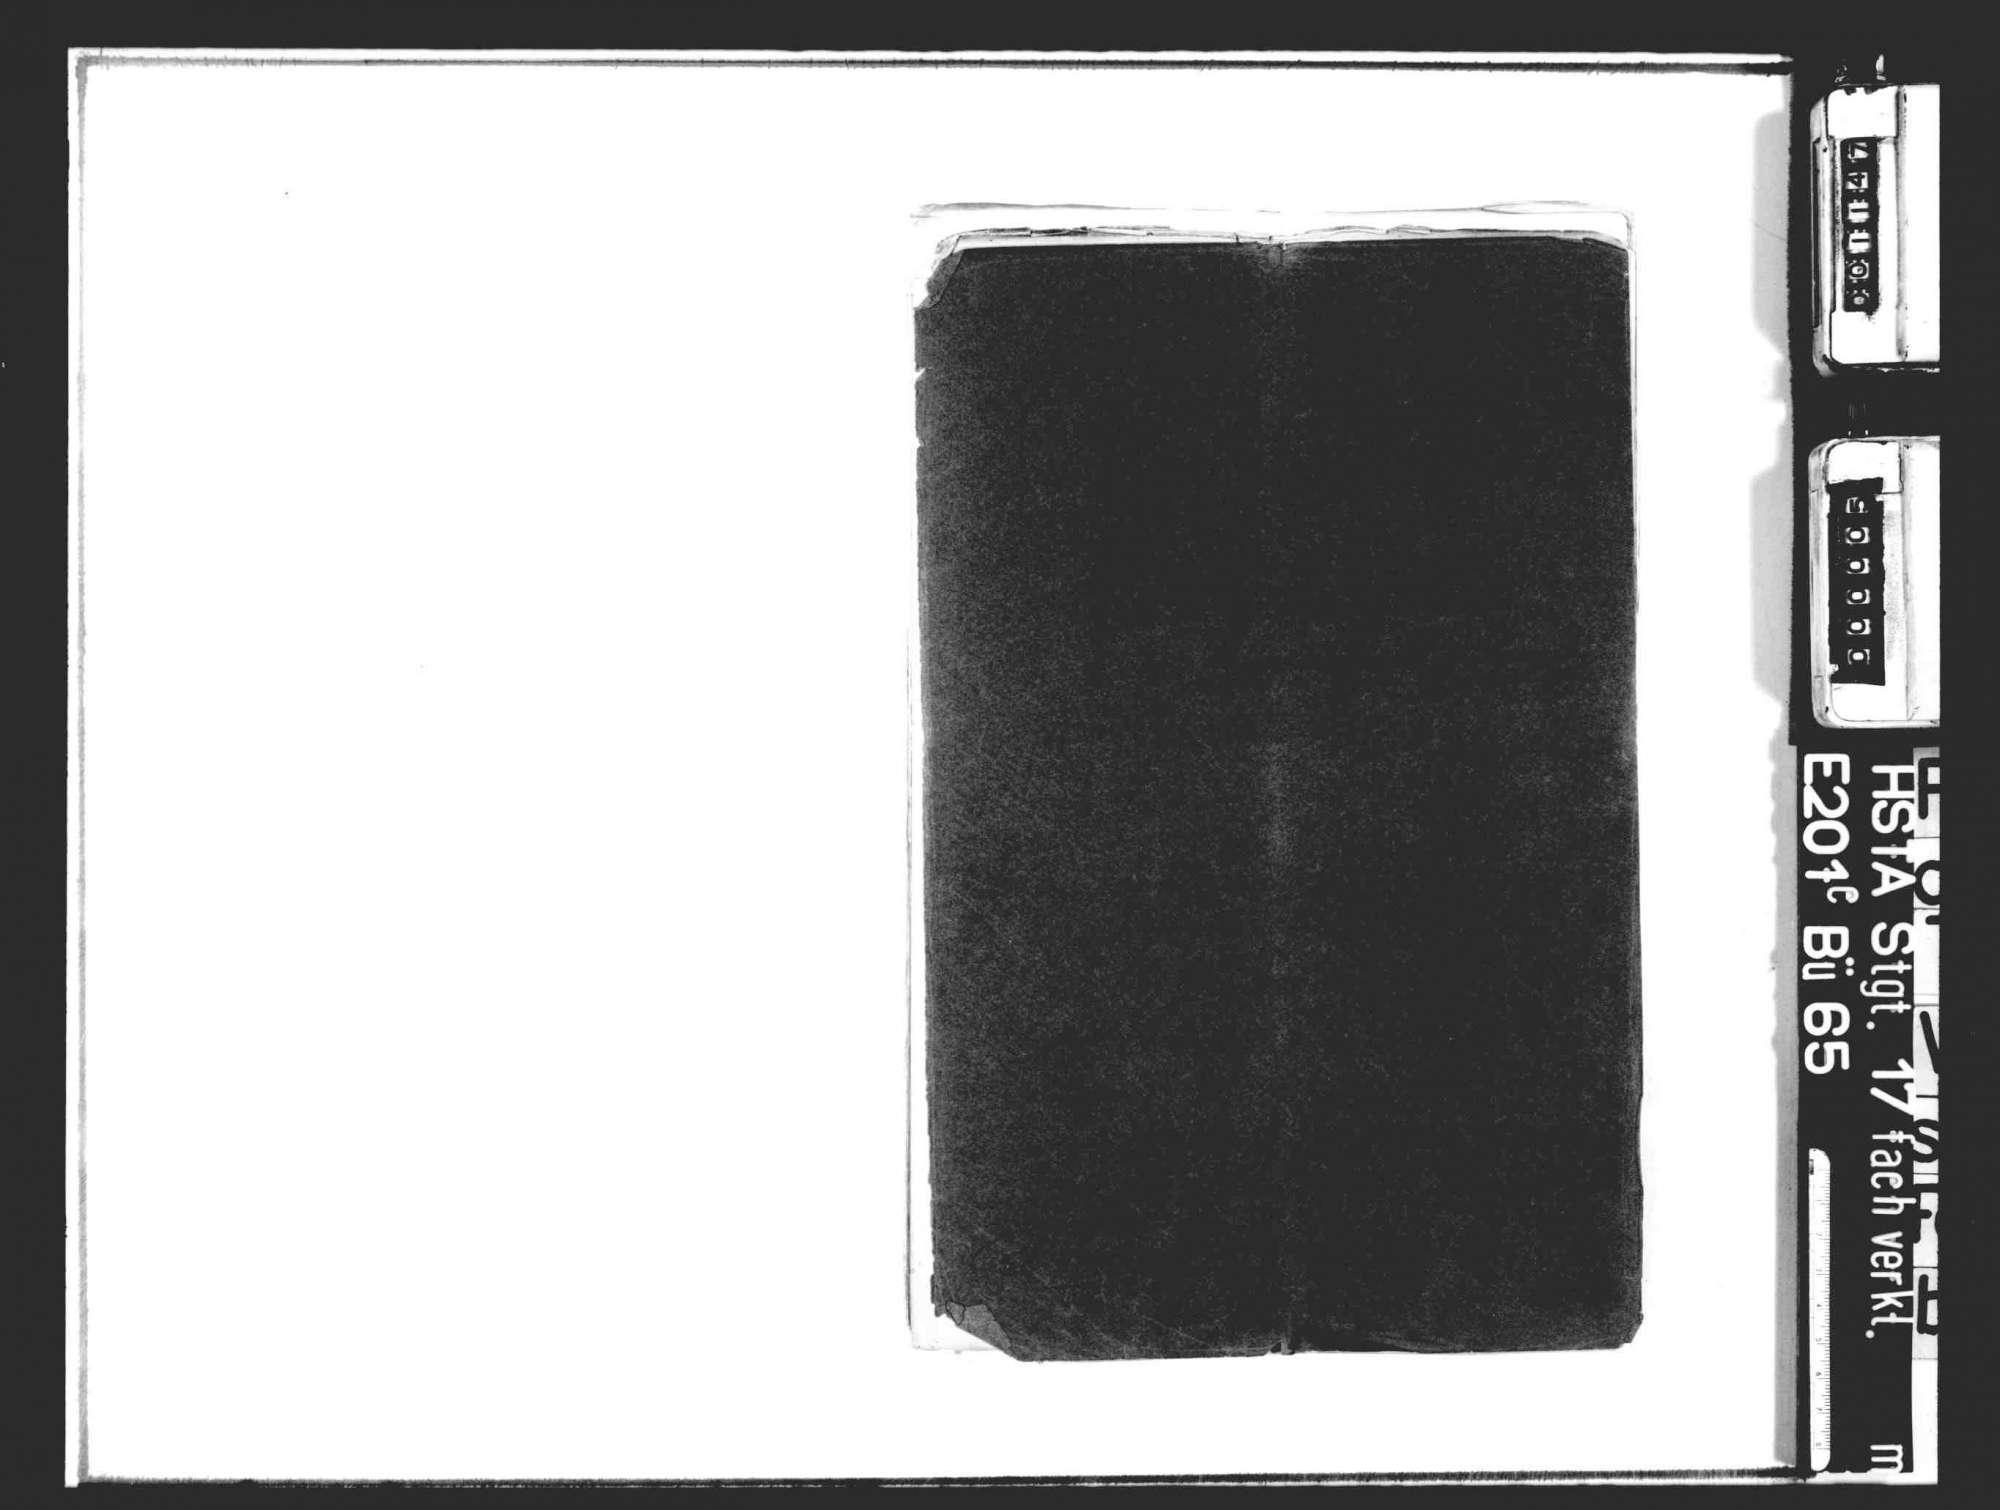 Besteuerung der Gemeinden und einzelner Gemeindemitglieder (Teil II): Gemeindeetats von 1835-1860, außerordentliche Aufwendungen für soziale und Bildungseinrichtungen, Entrichtung von Kultkosten, Bild 3